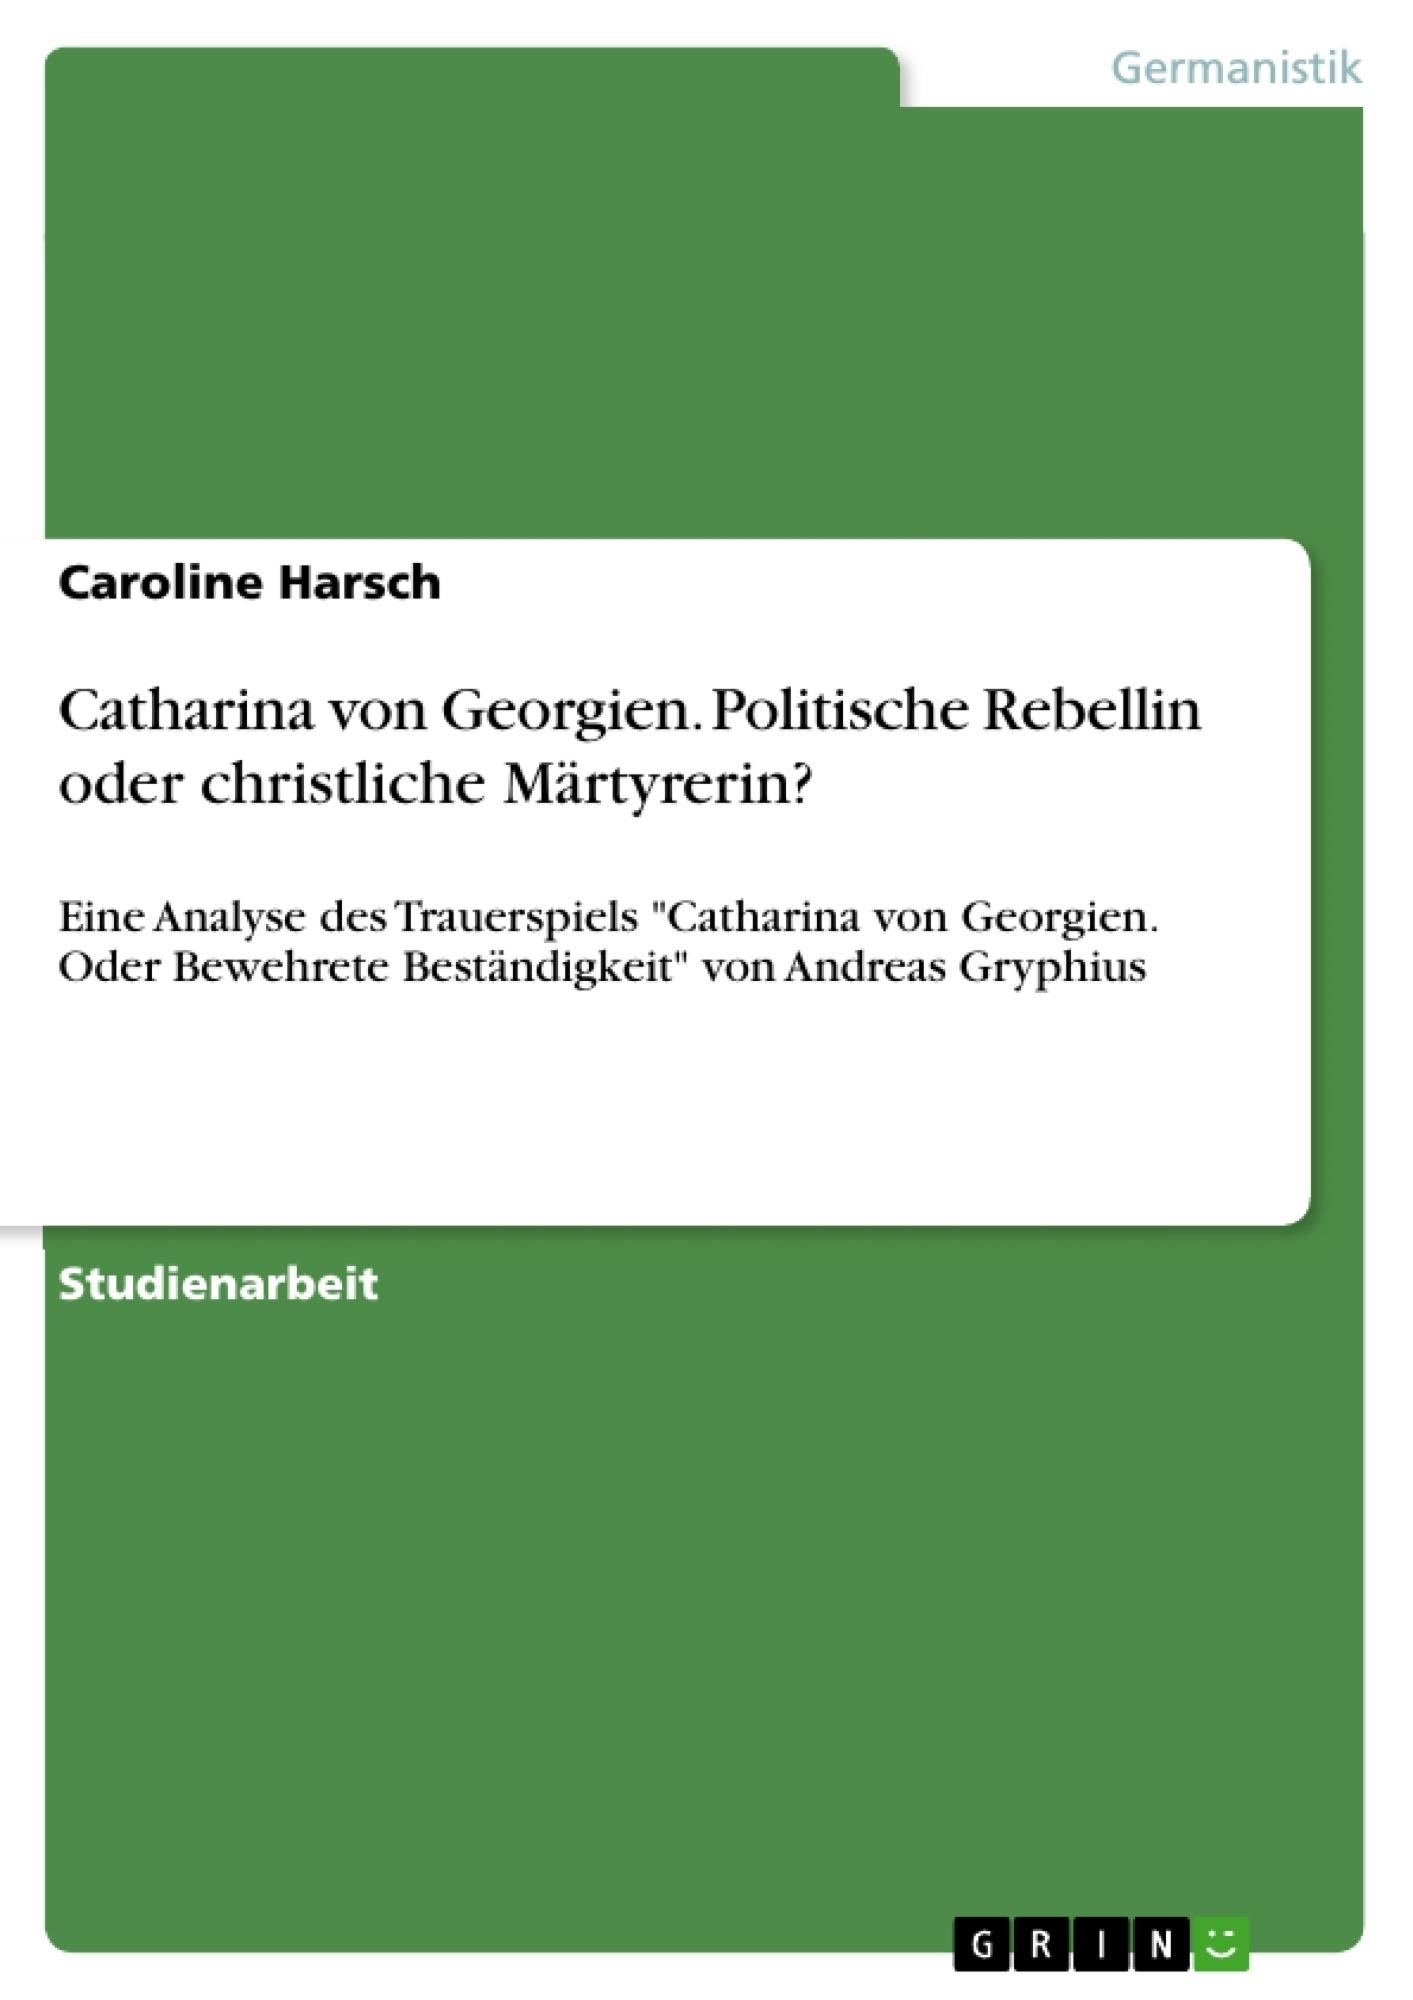 Titel: Catharina von Georgien. Politische Rebellin oder christliche Märtyrerin?